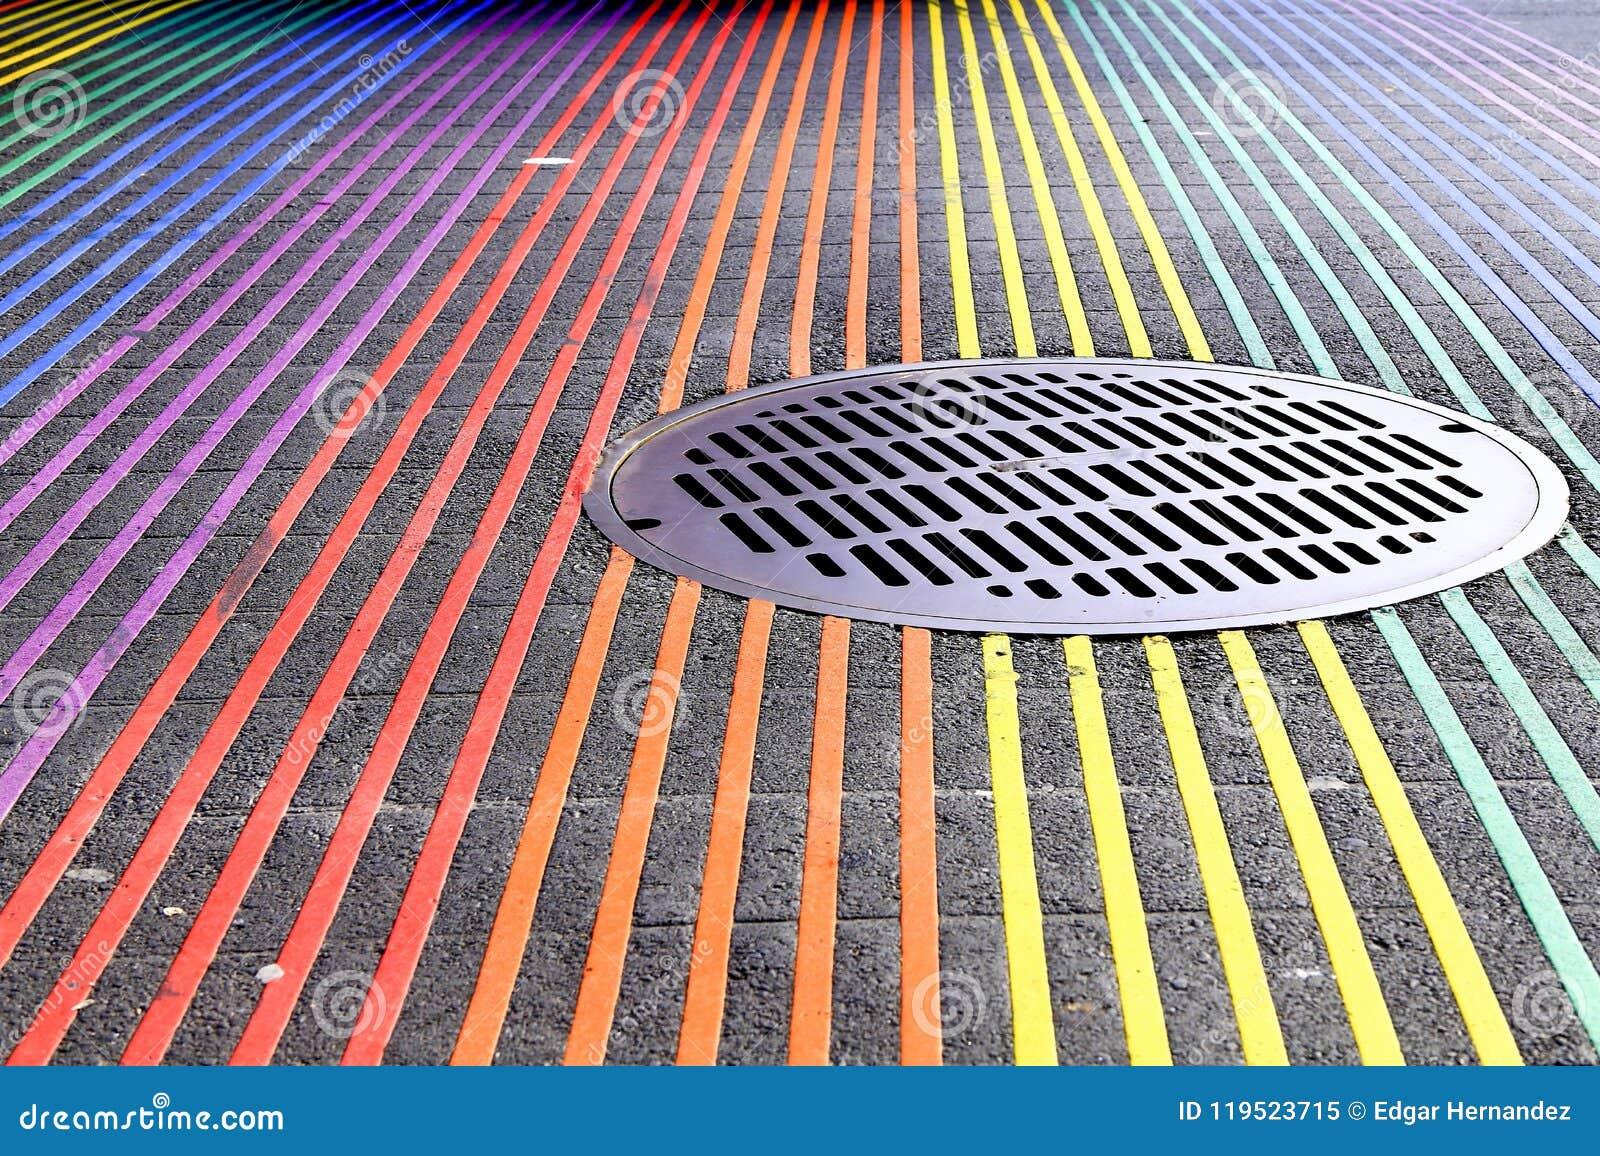 Intersection de Castro District Rainbow Colored Crosswalk, San Francisco, la Californie